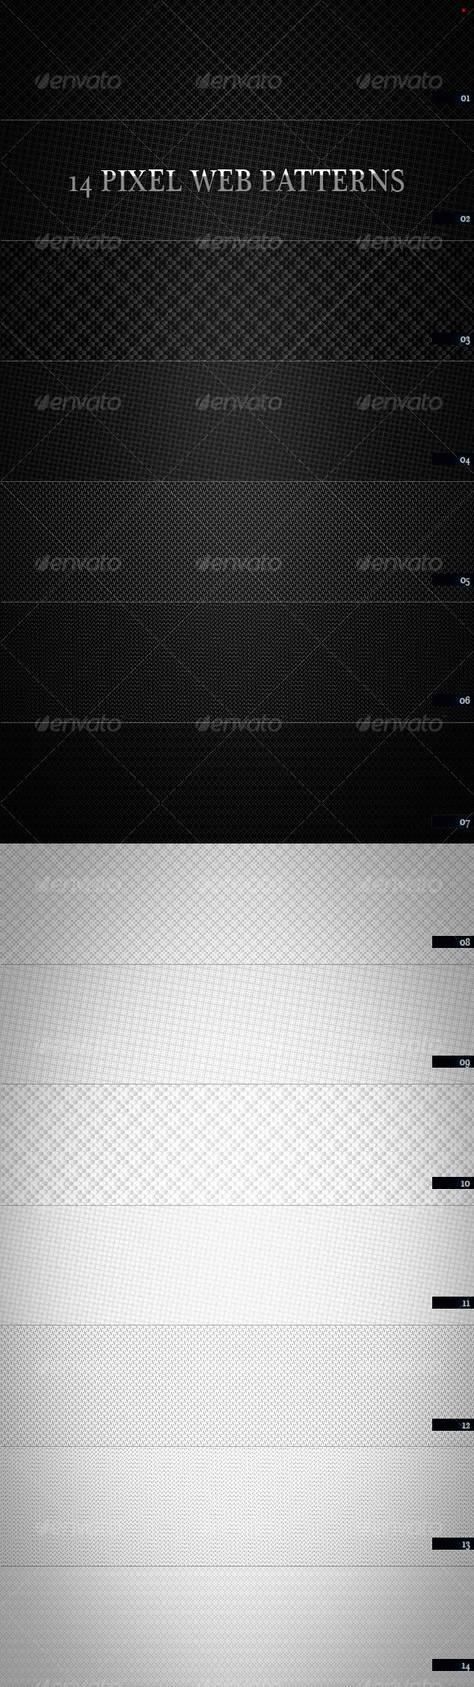 14 Pixel Web Pattern by boeenet